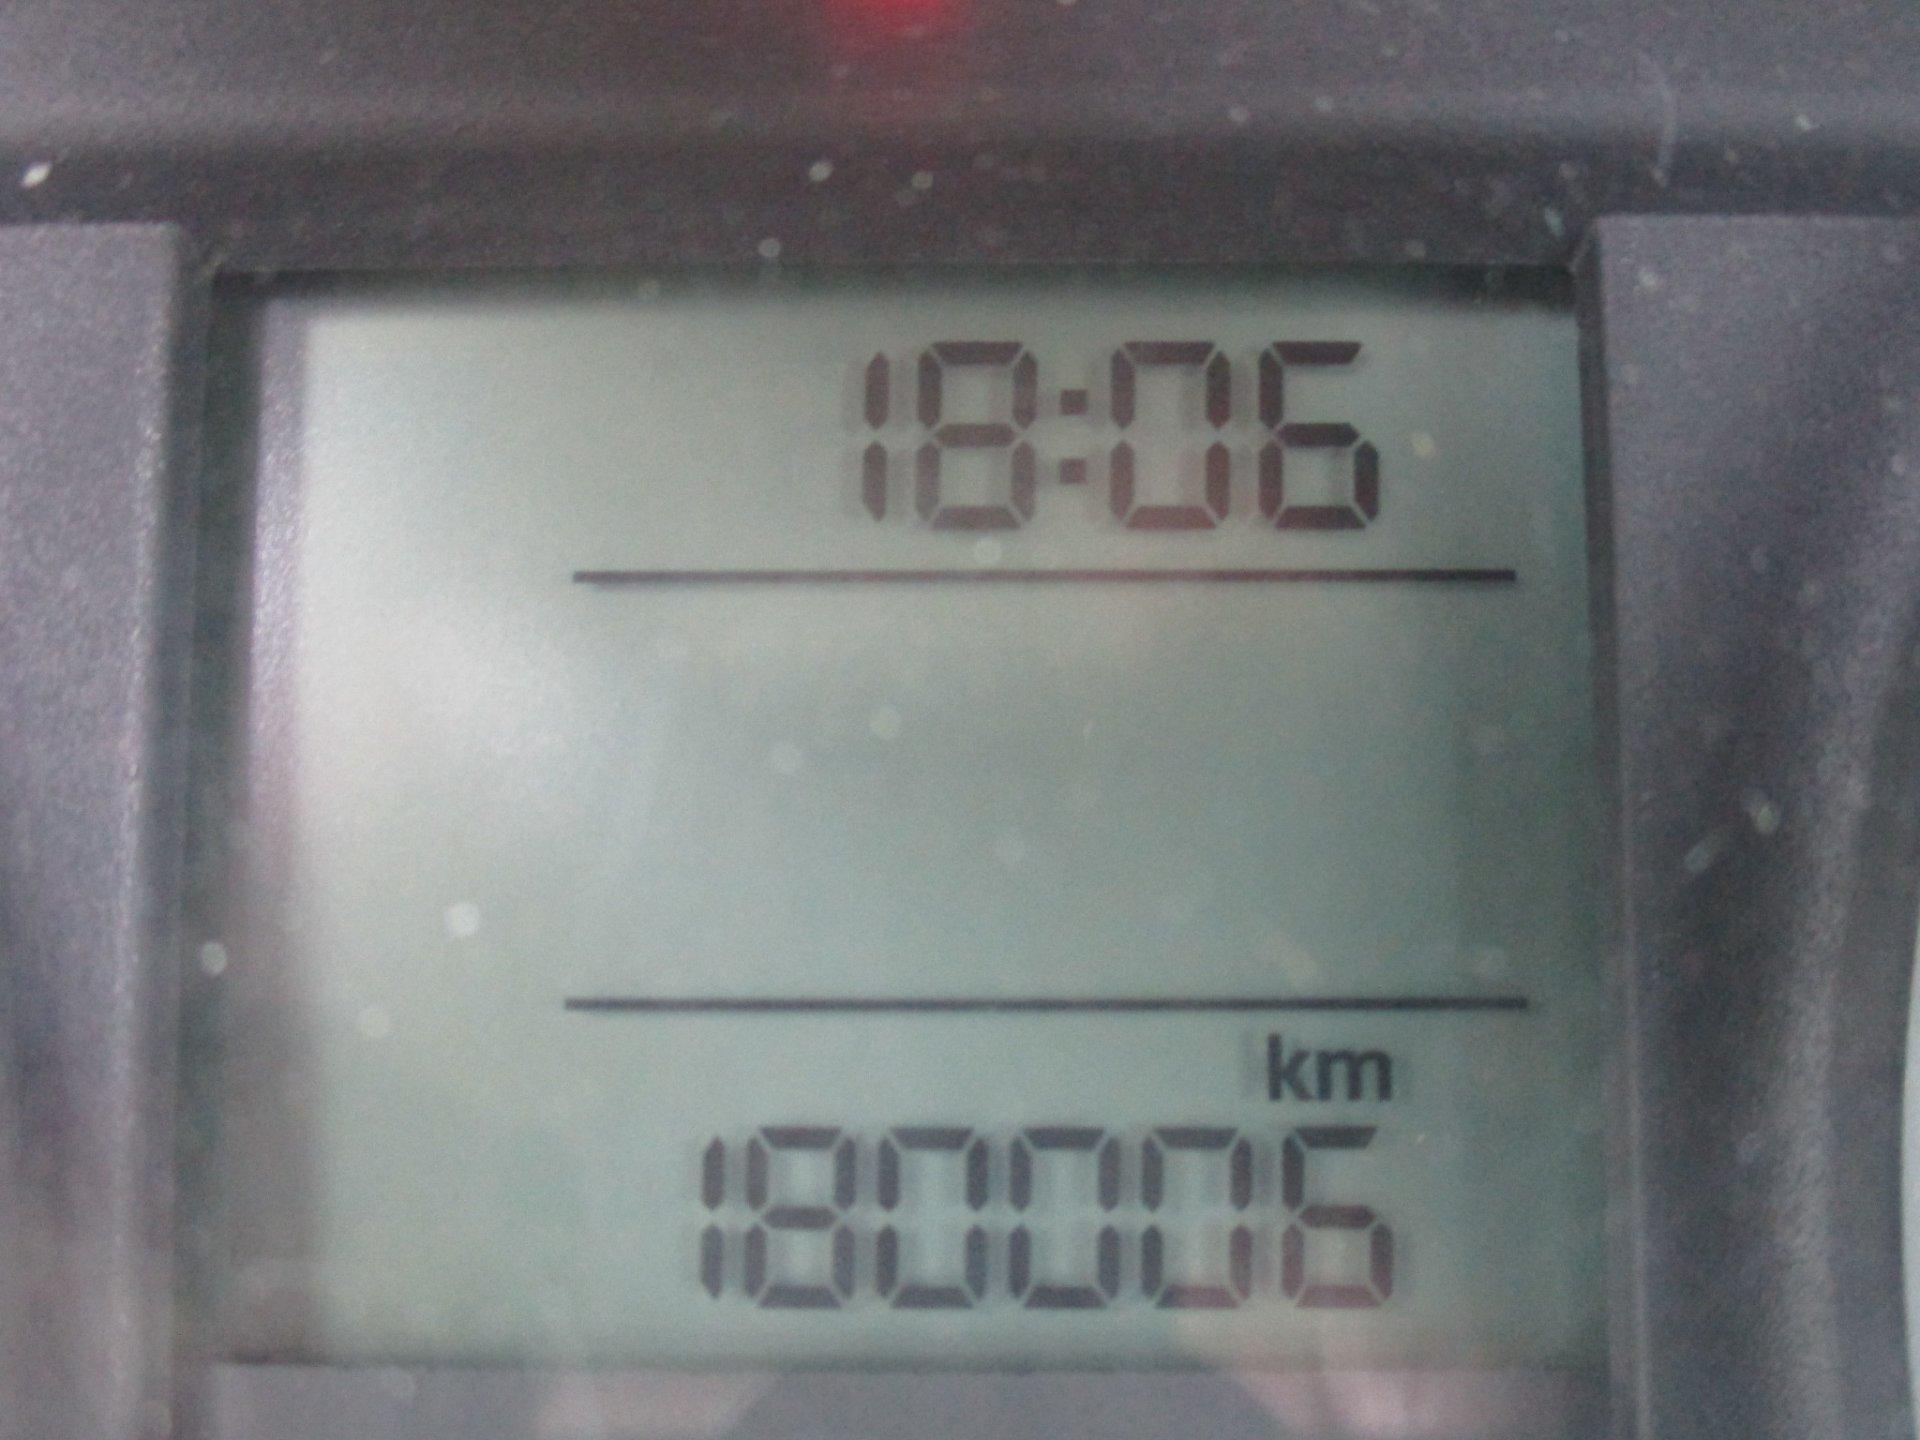 45090.JPG